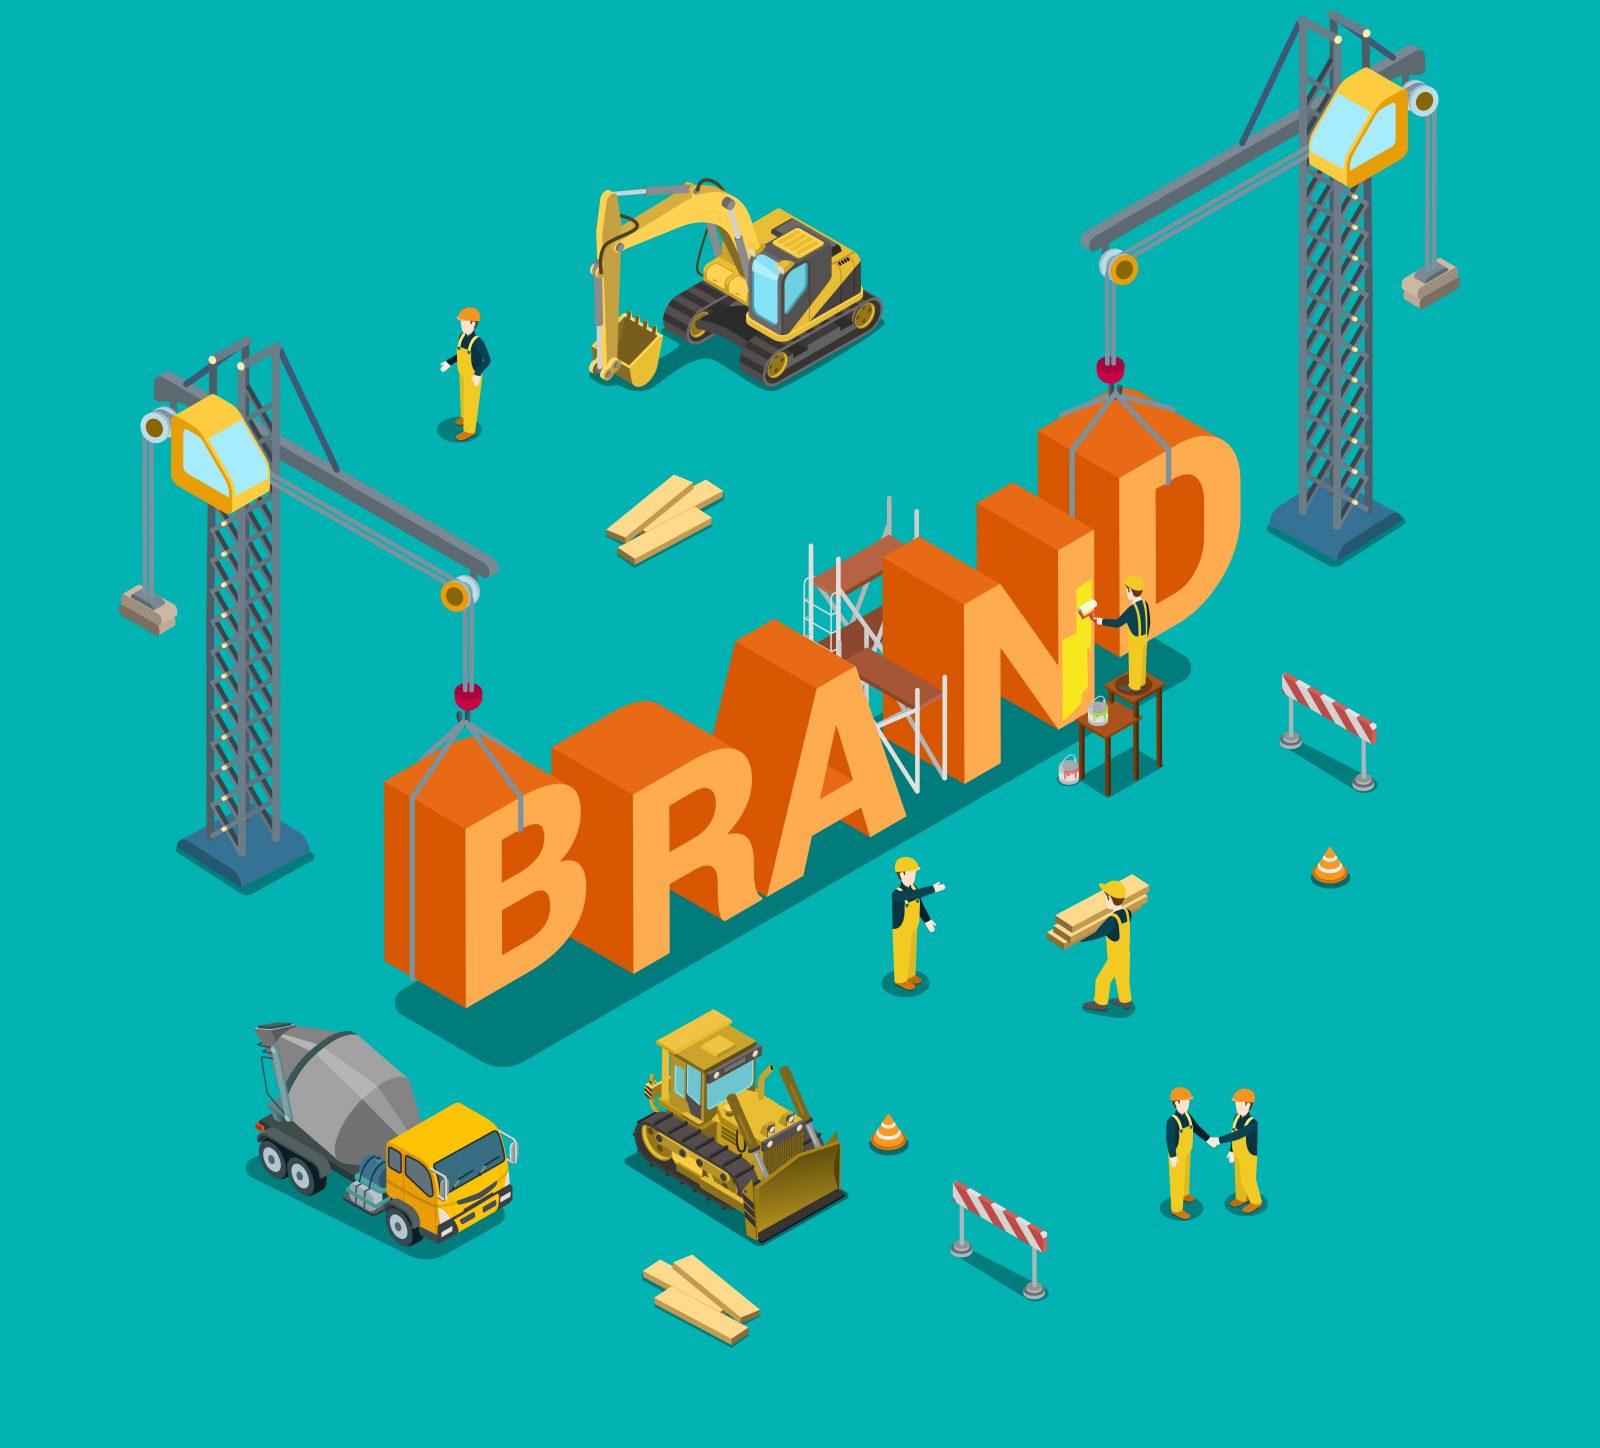 Am Anfang steht die Markenführung, am Ende eine führende Marke